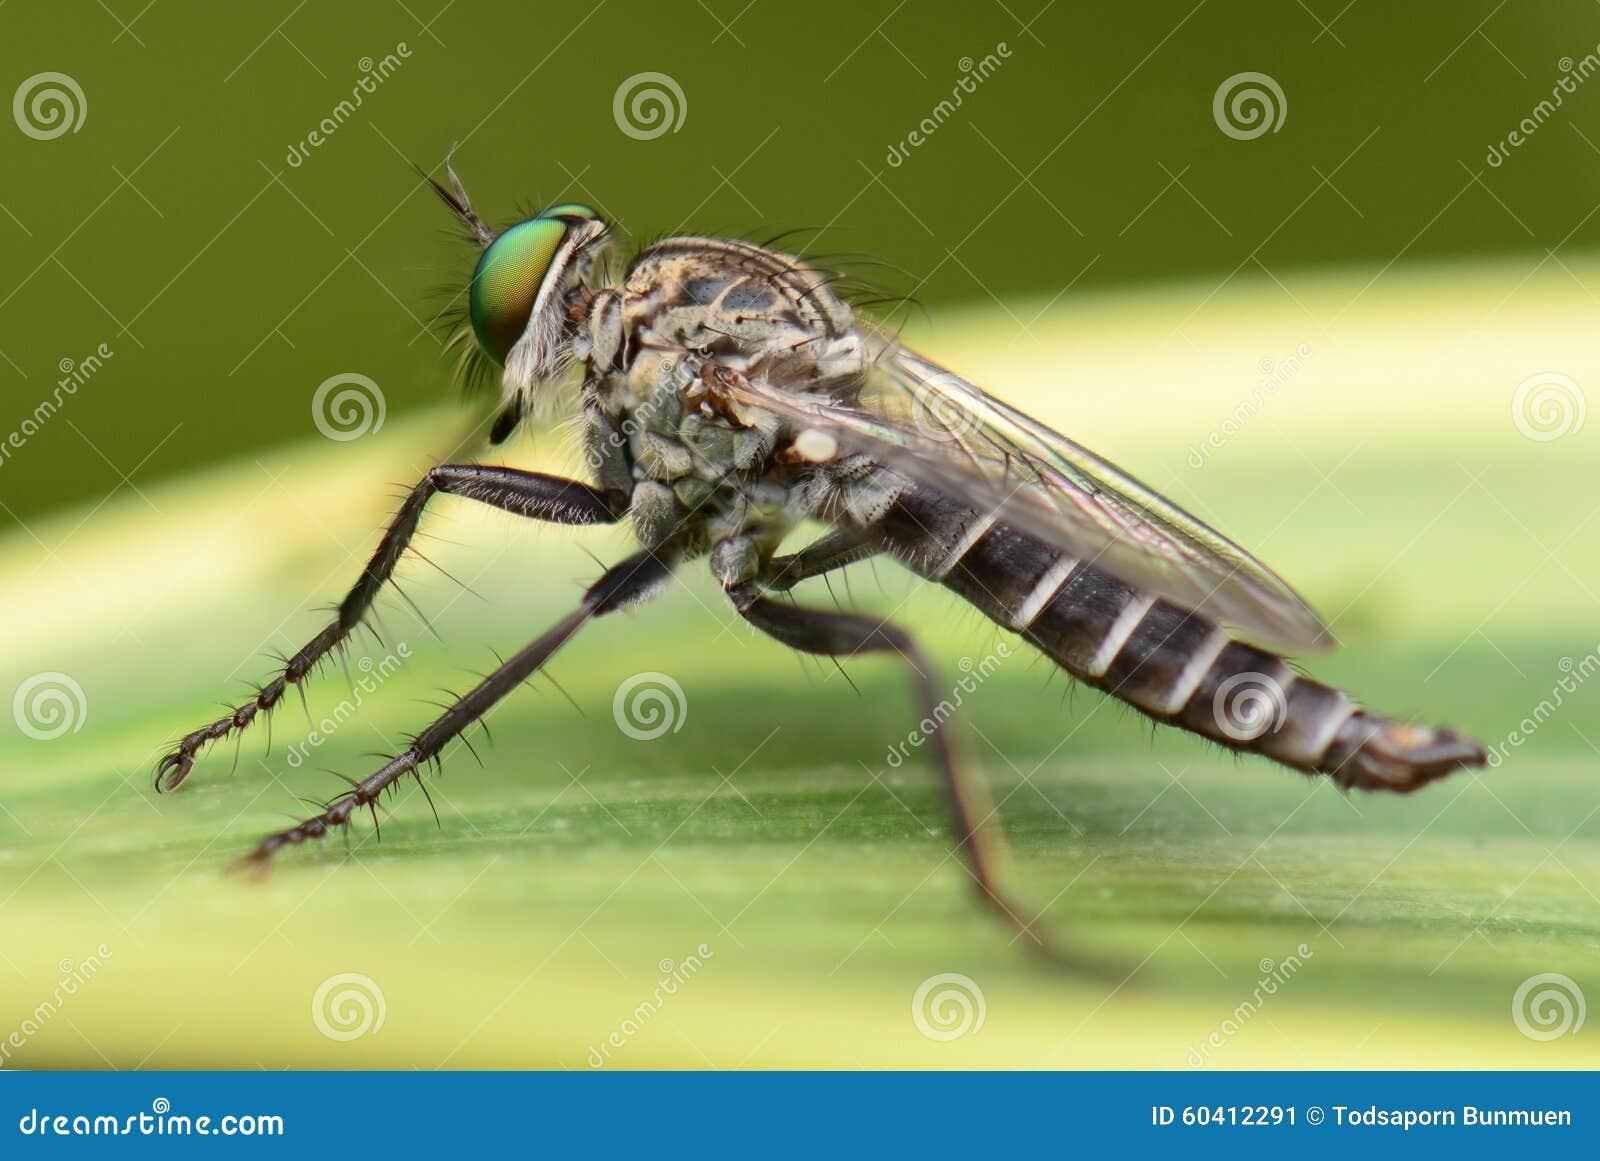 绿色叶子蚊子